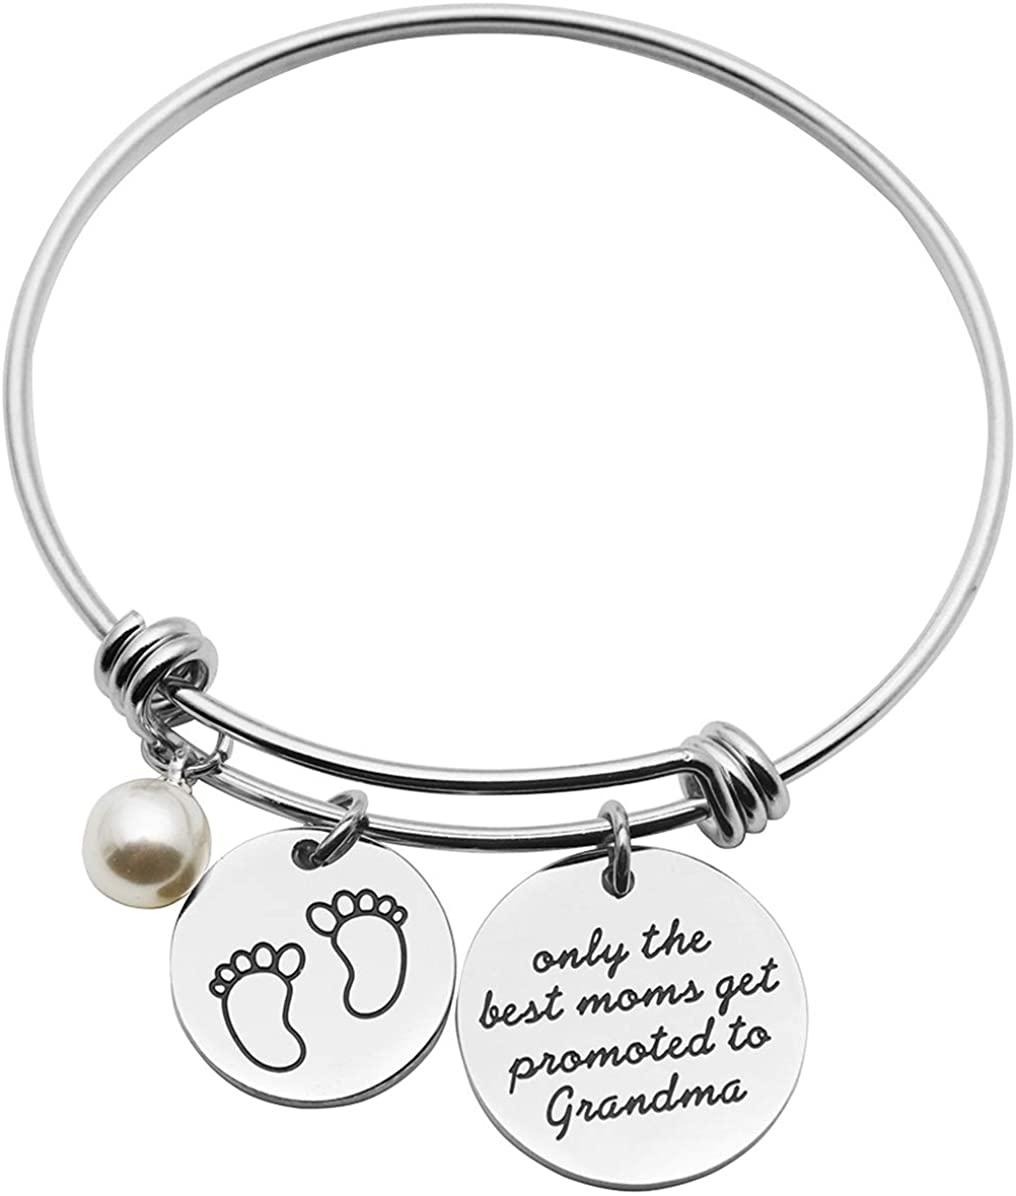 Beeshion Grandma to be Gift Charm Adjustable Bracelet for Grandma New Grandmother Bangle New Grandma Gift